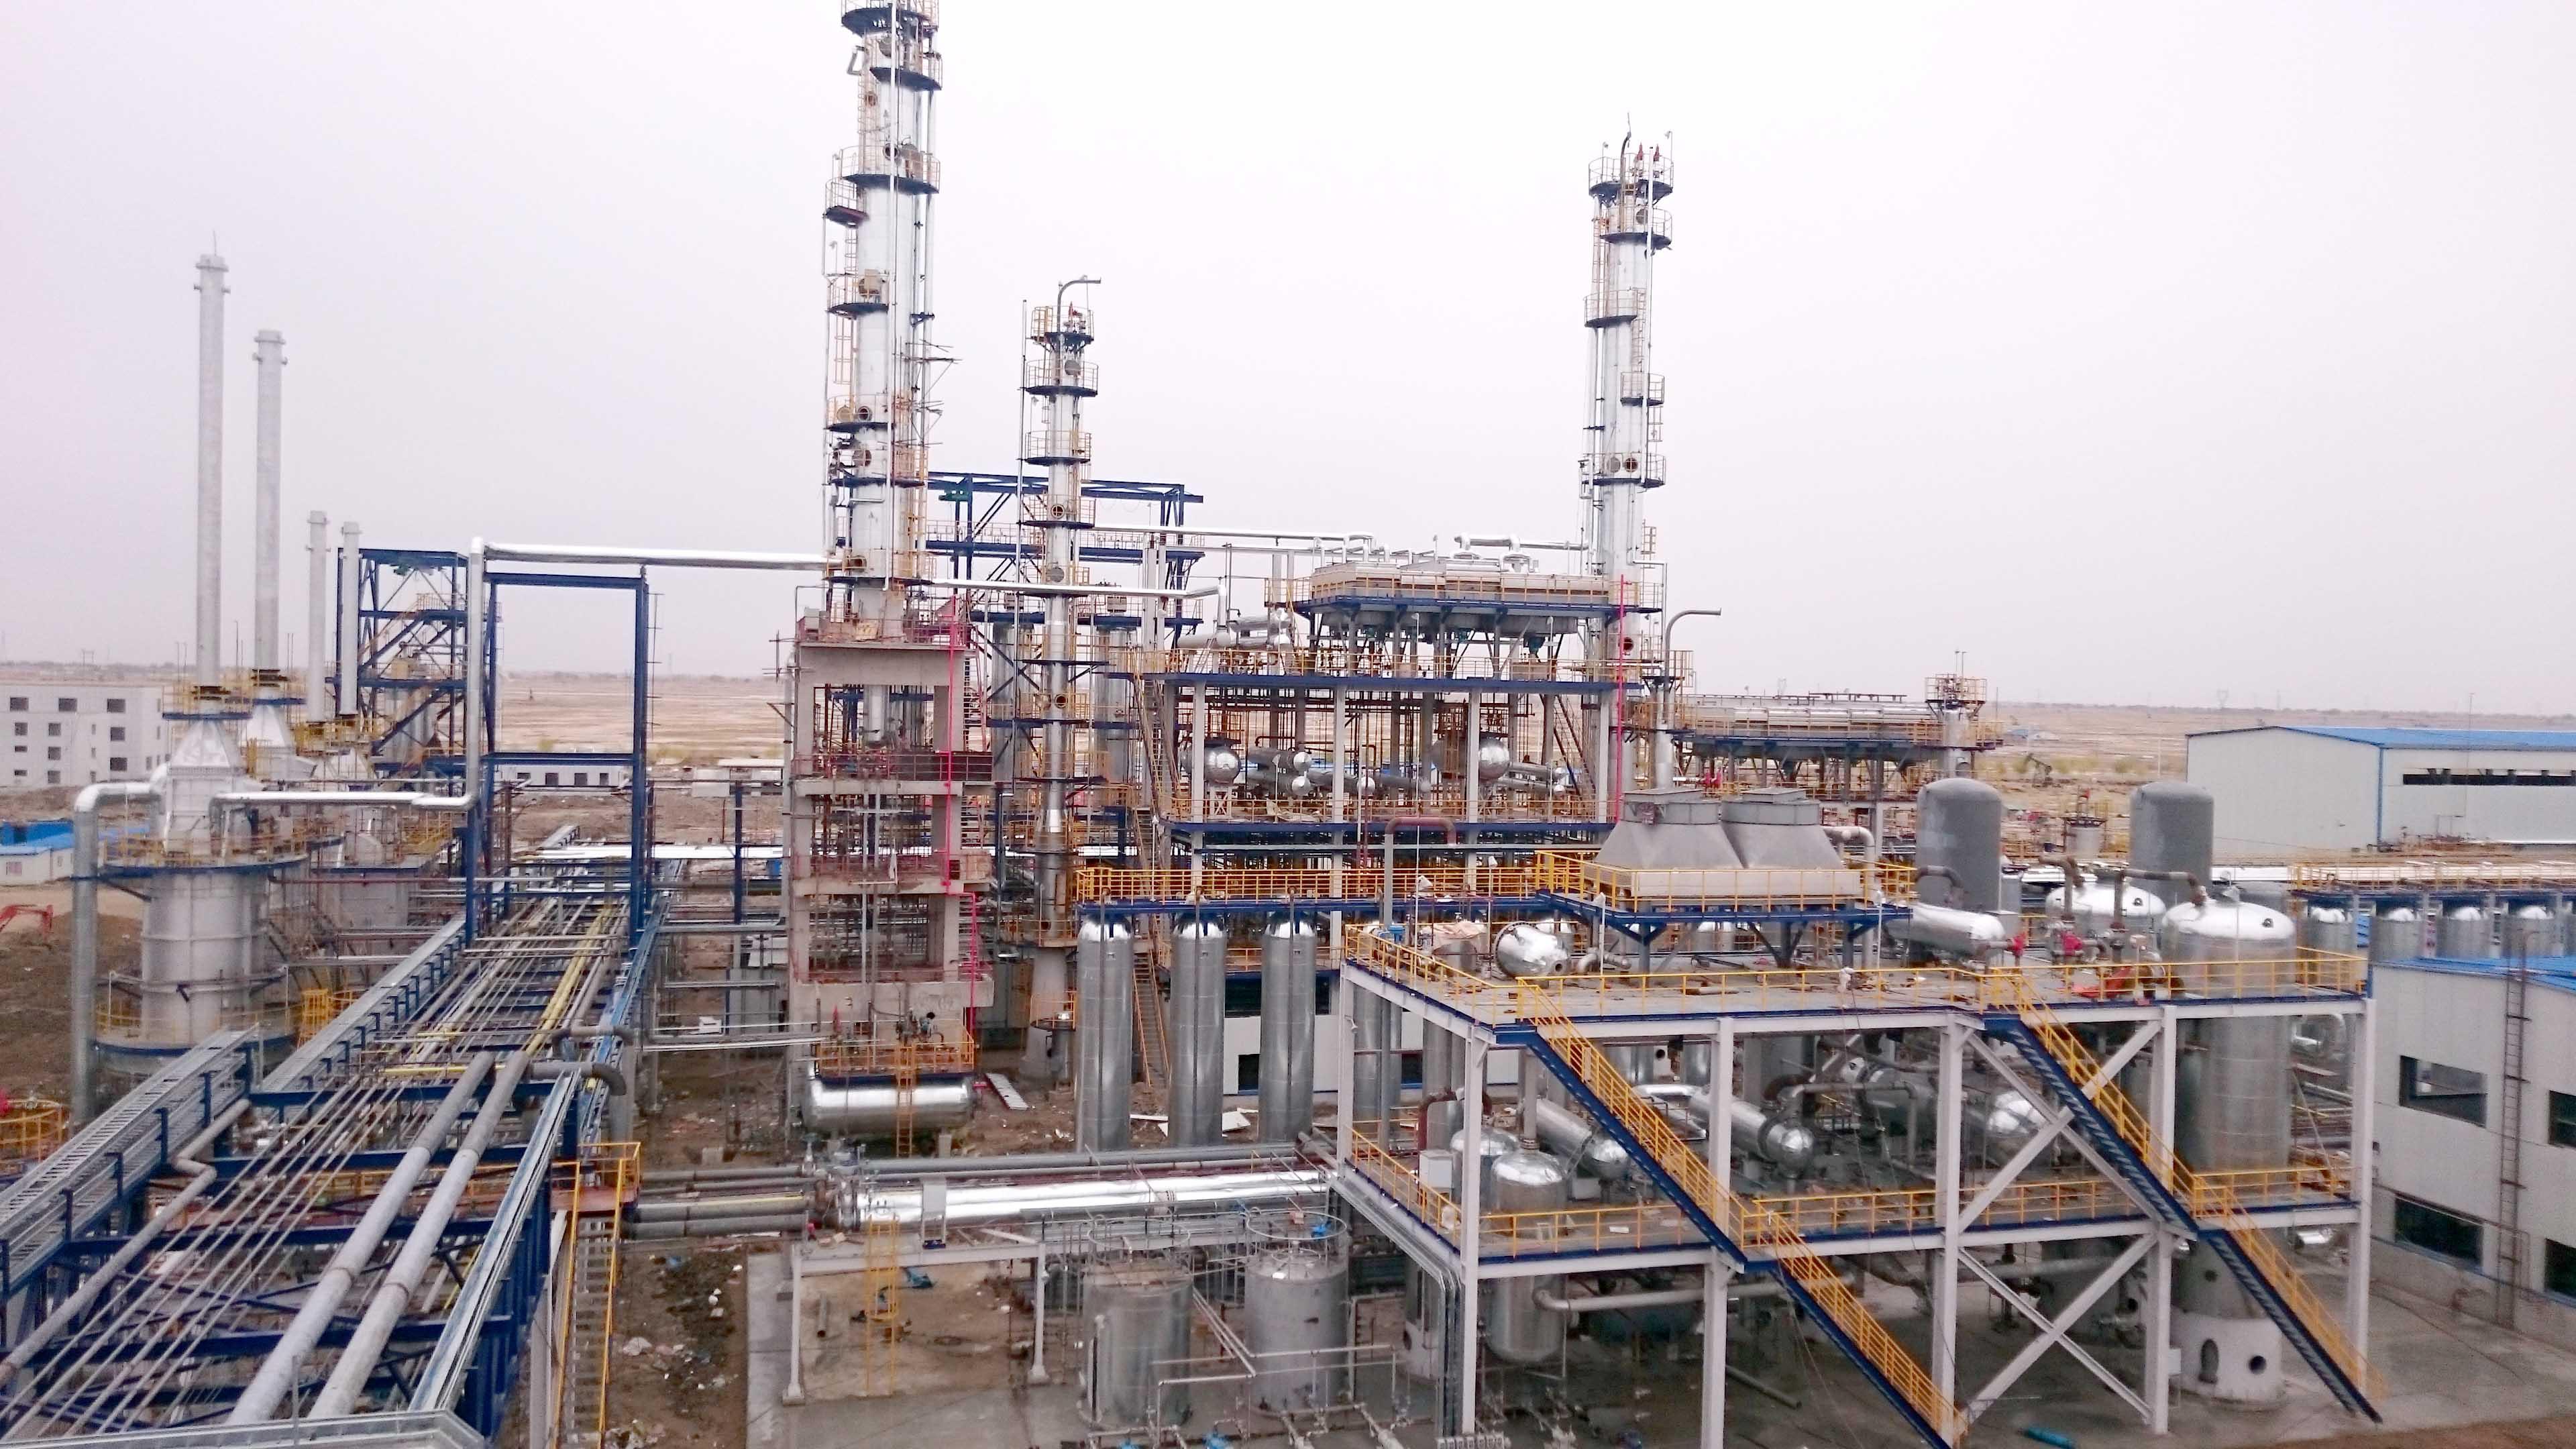 催化重整及芳烃抽提项目